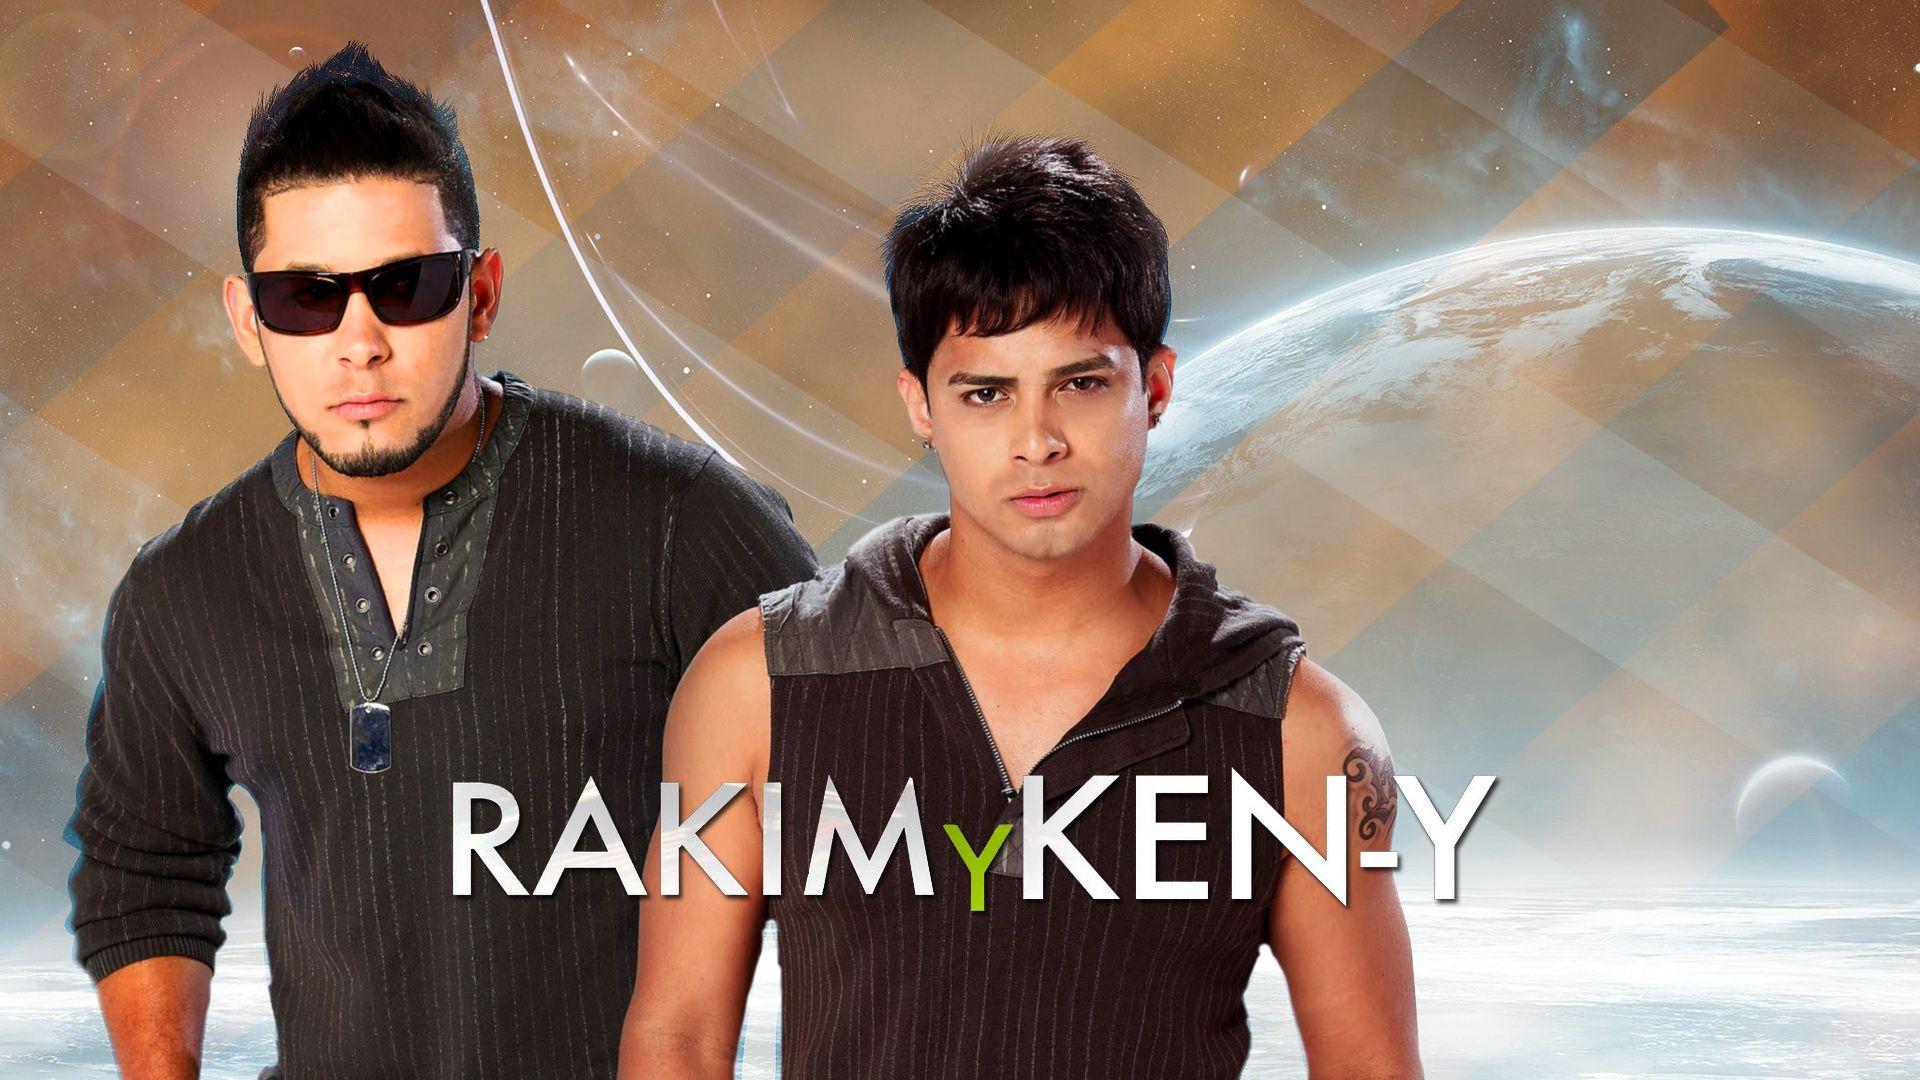 lista de canciones de rakim y ken: